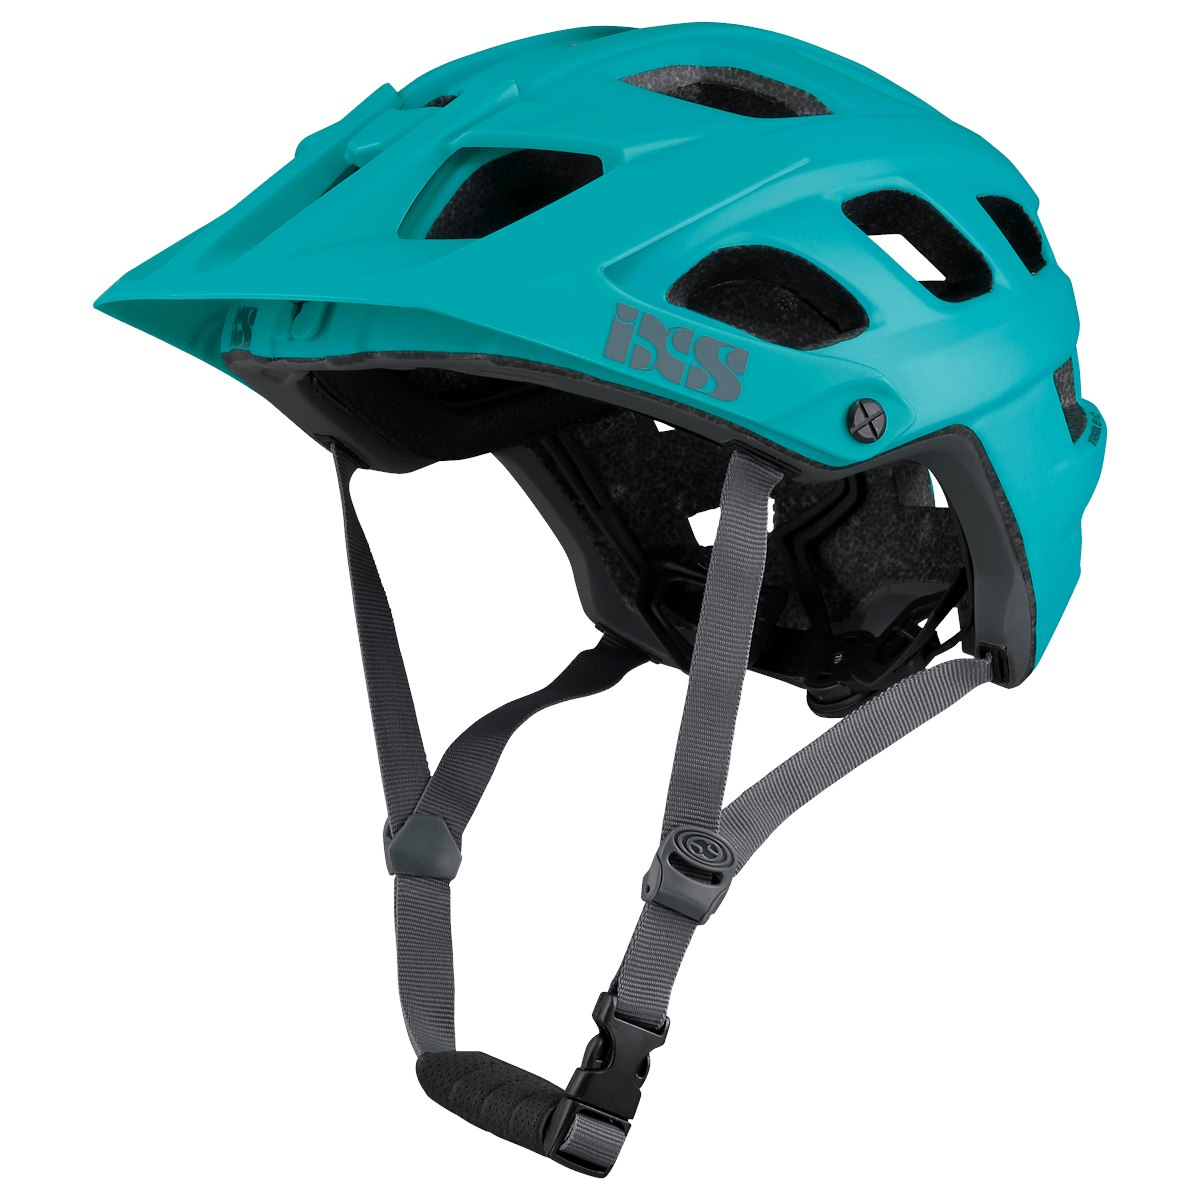 iXS Trail EVO Helmet - lagoon